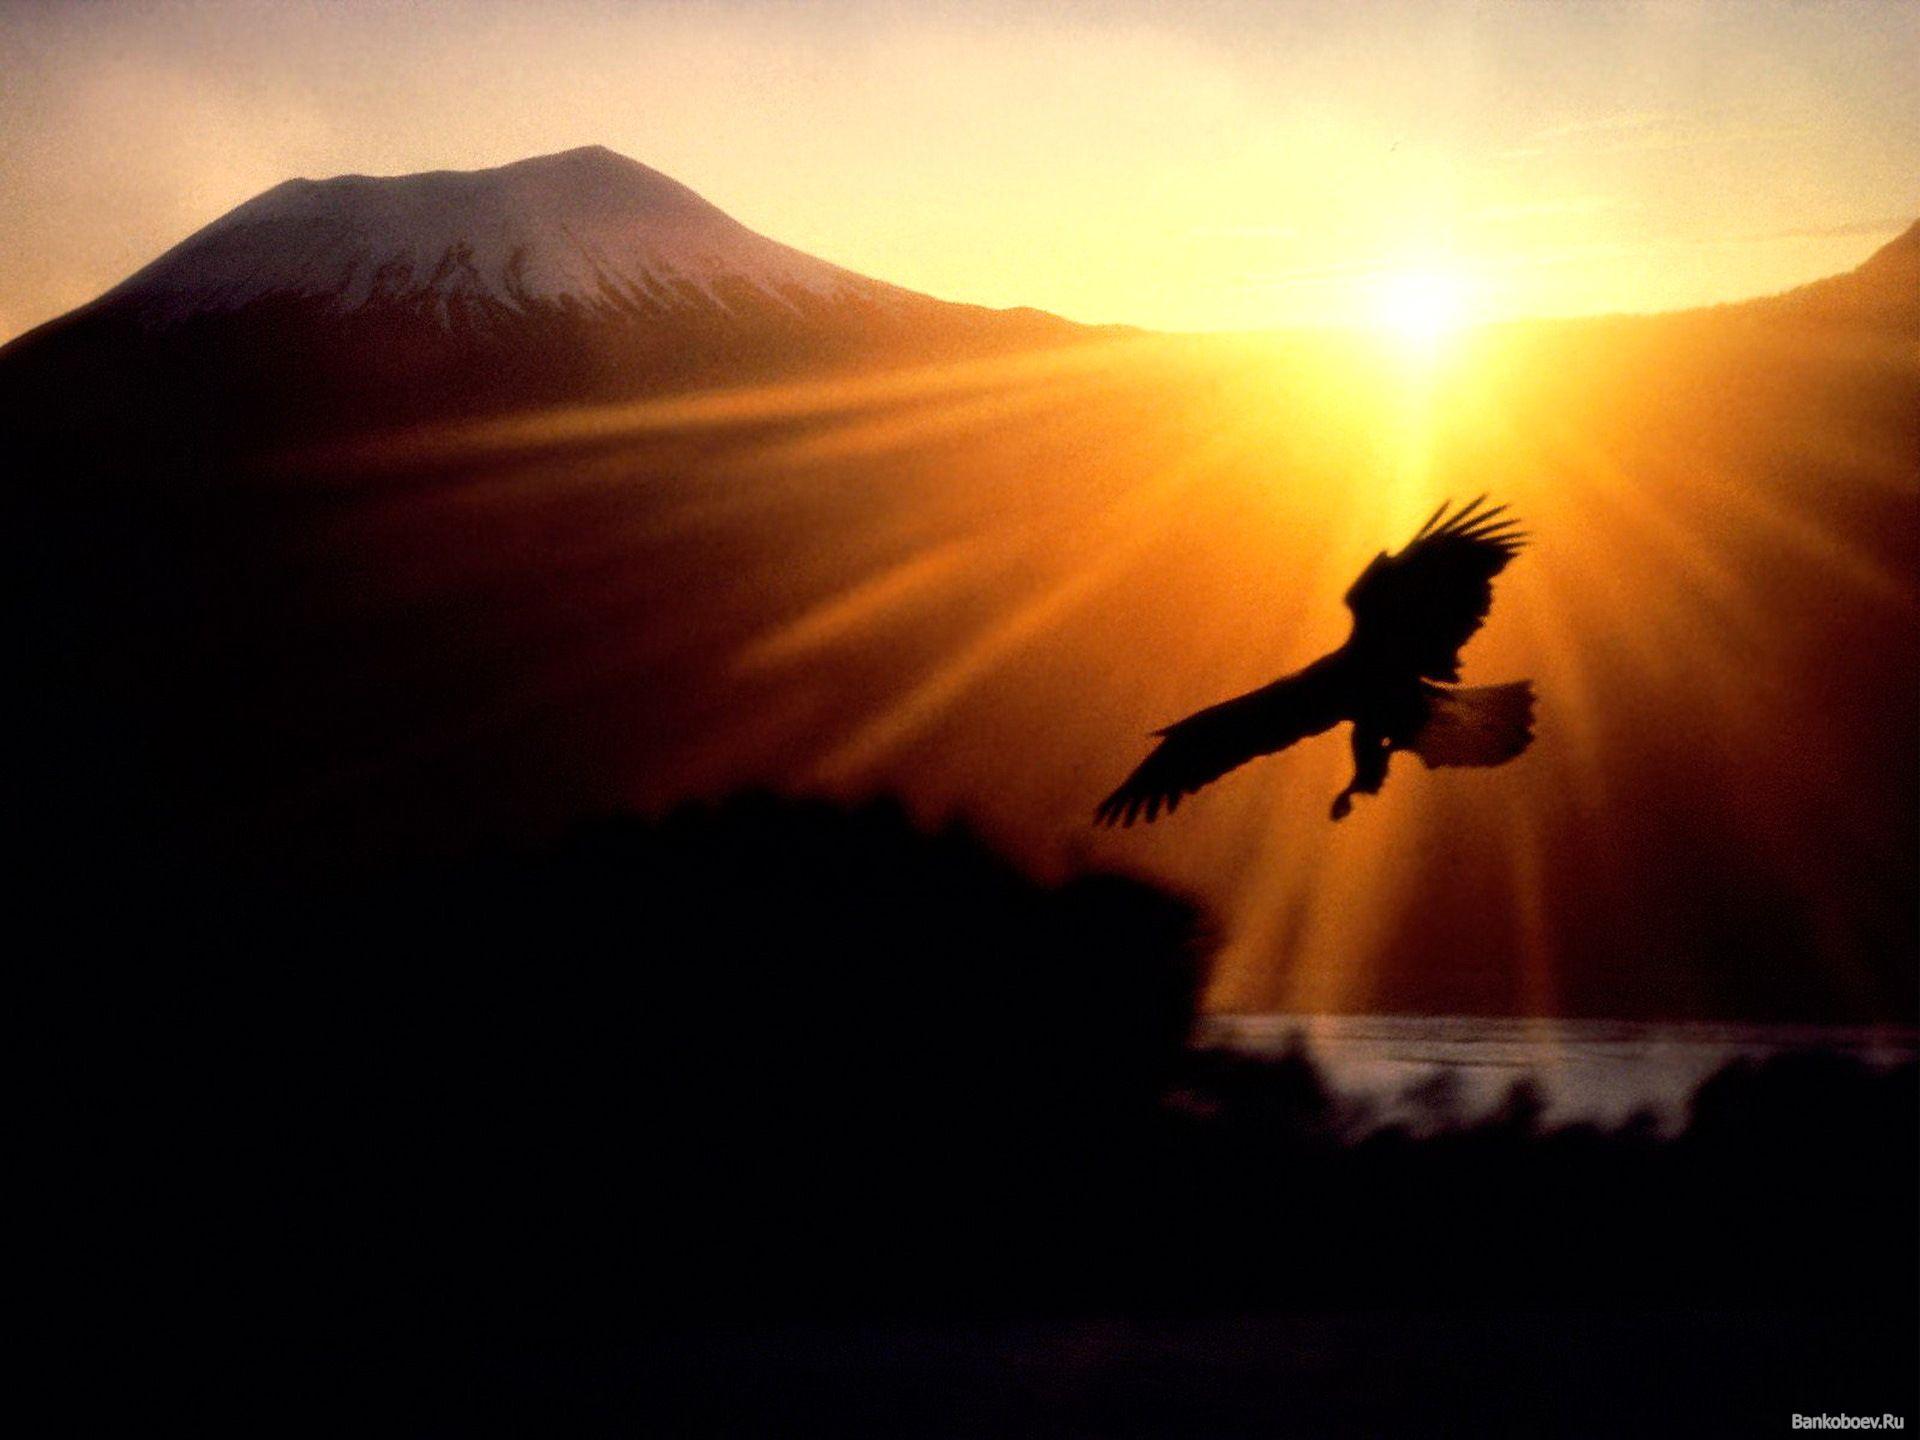 wallpapers adler hd der fliegt in den himmel bei sonnenuntergang x